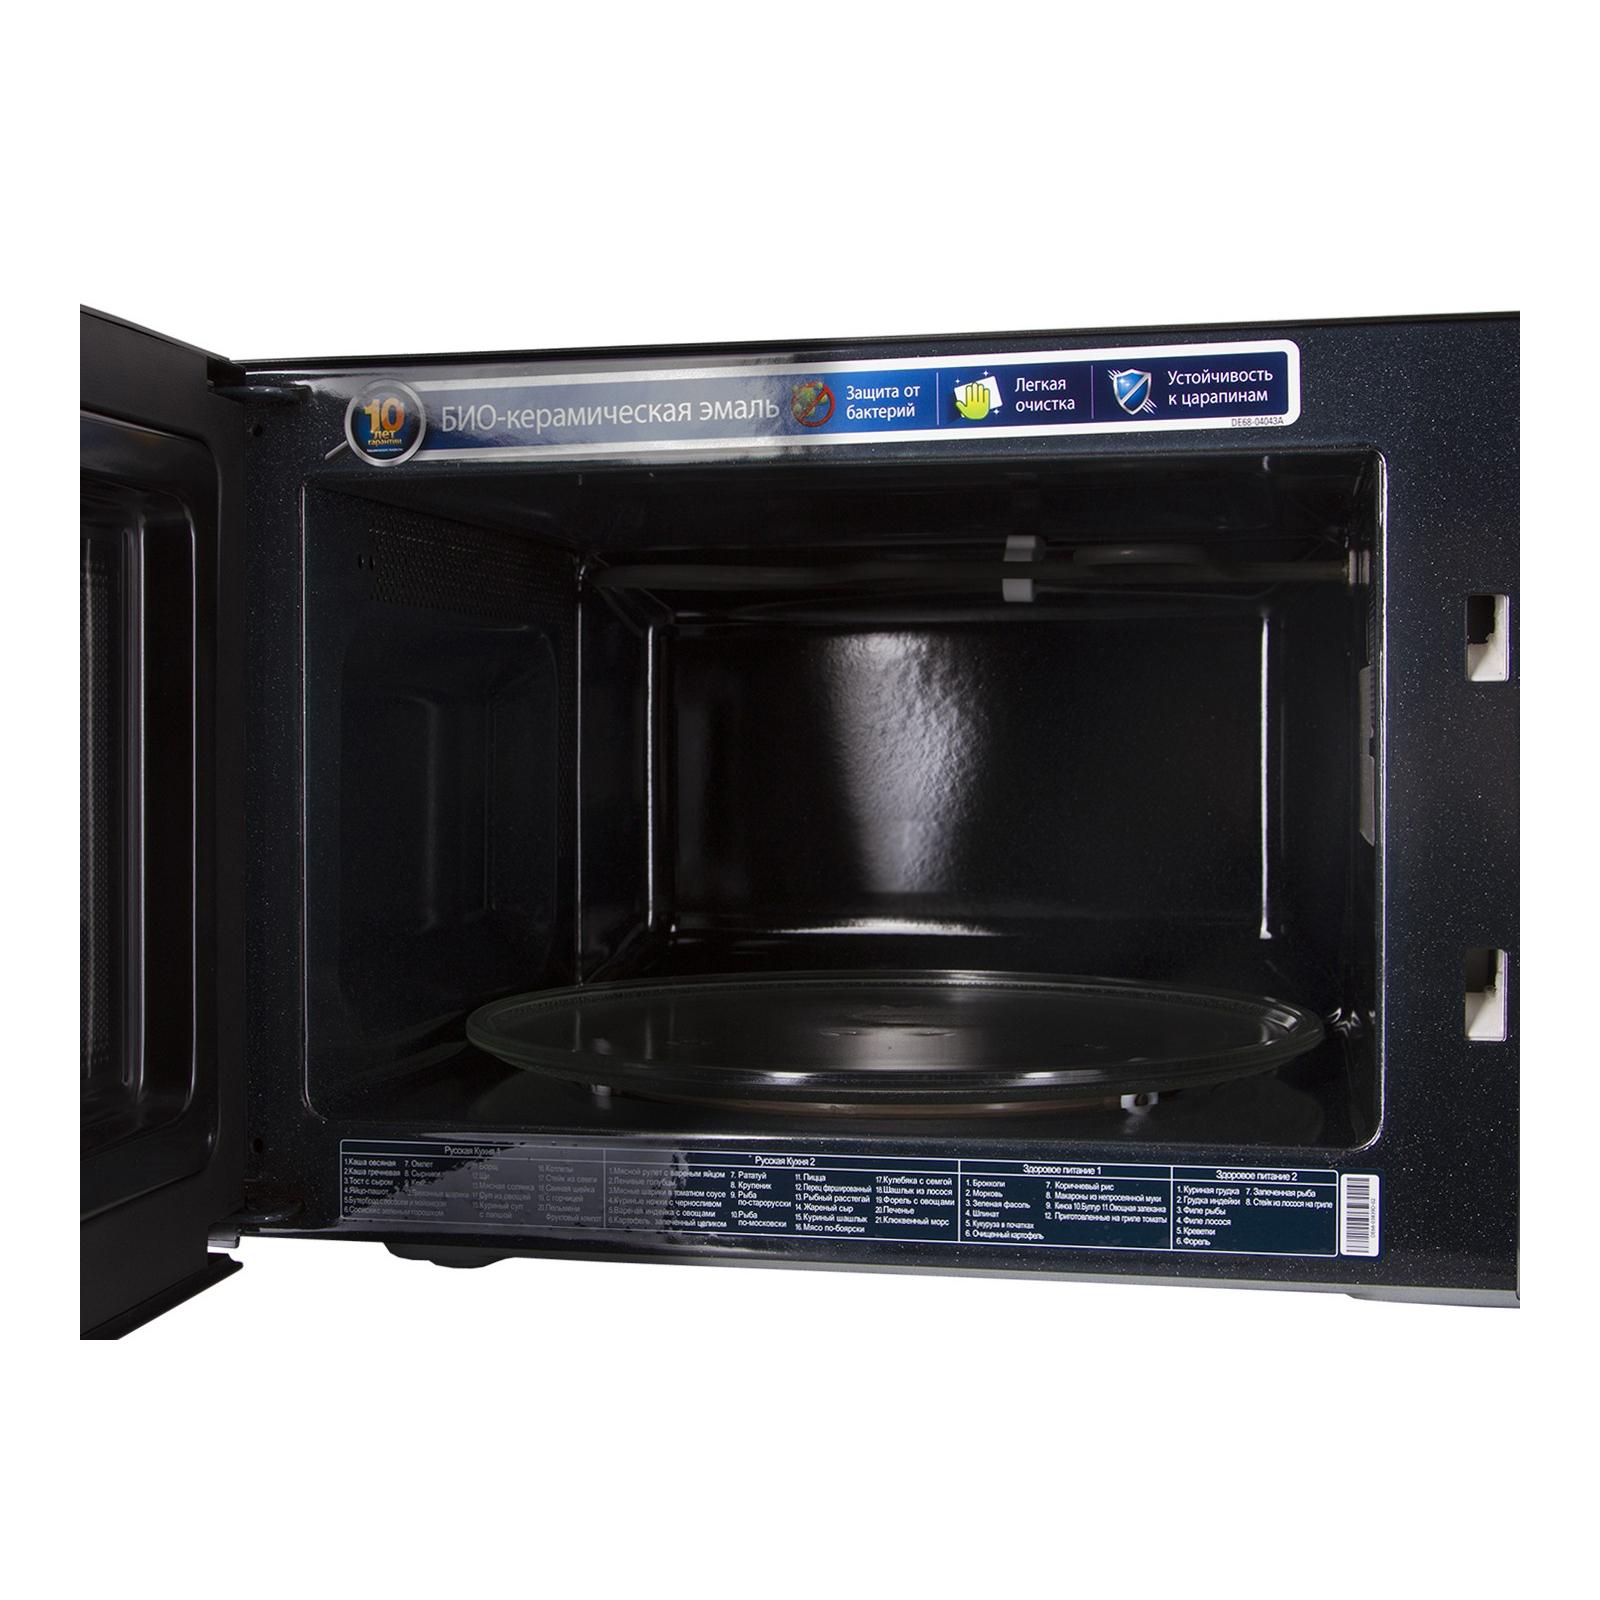 Микроволновая печь Samsung MG23F302TAK/BW изображение 6